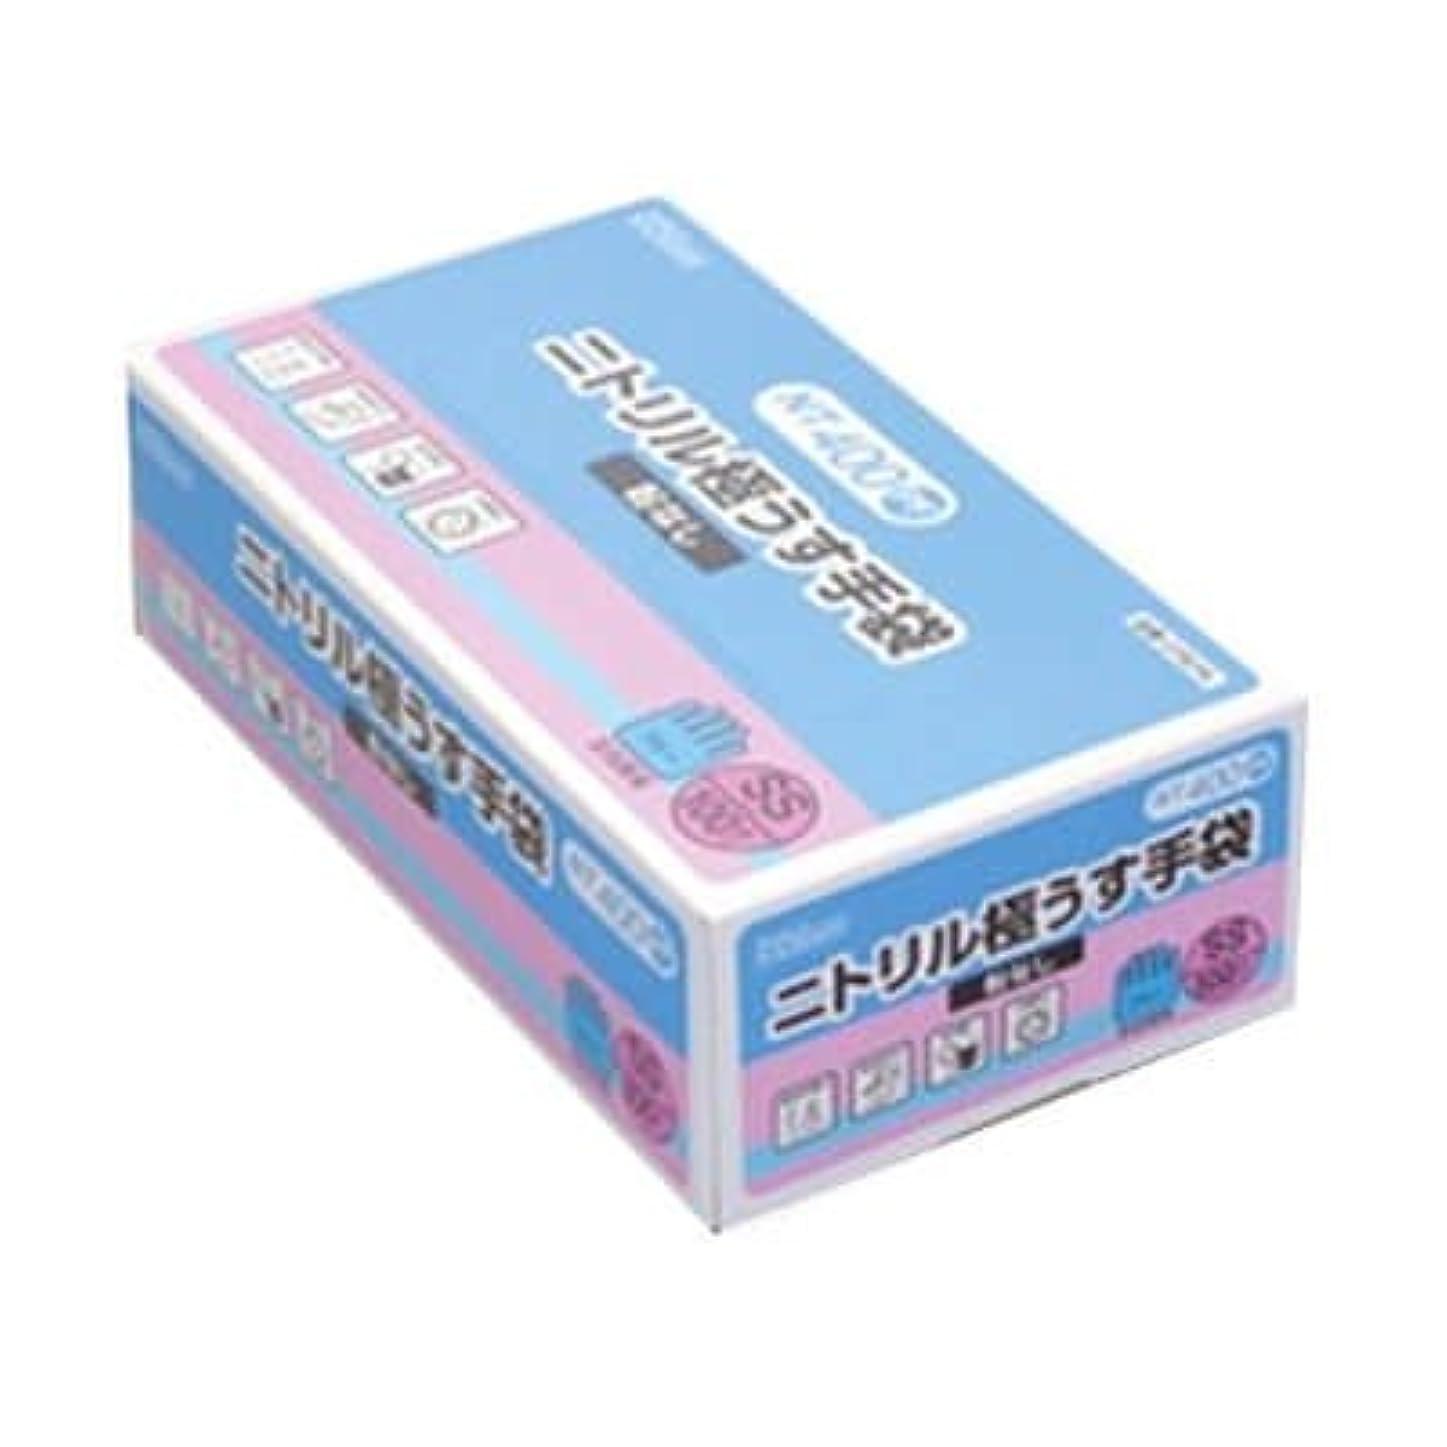 円形の銛憂慮すべき【ケース販売】 ダンロップ ニトリル極うす手袋 粉無 SS ブルー NT-400 (100枚入×20箱)